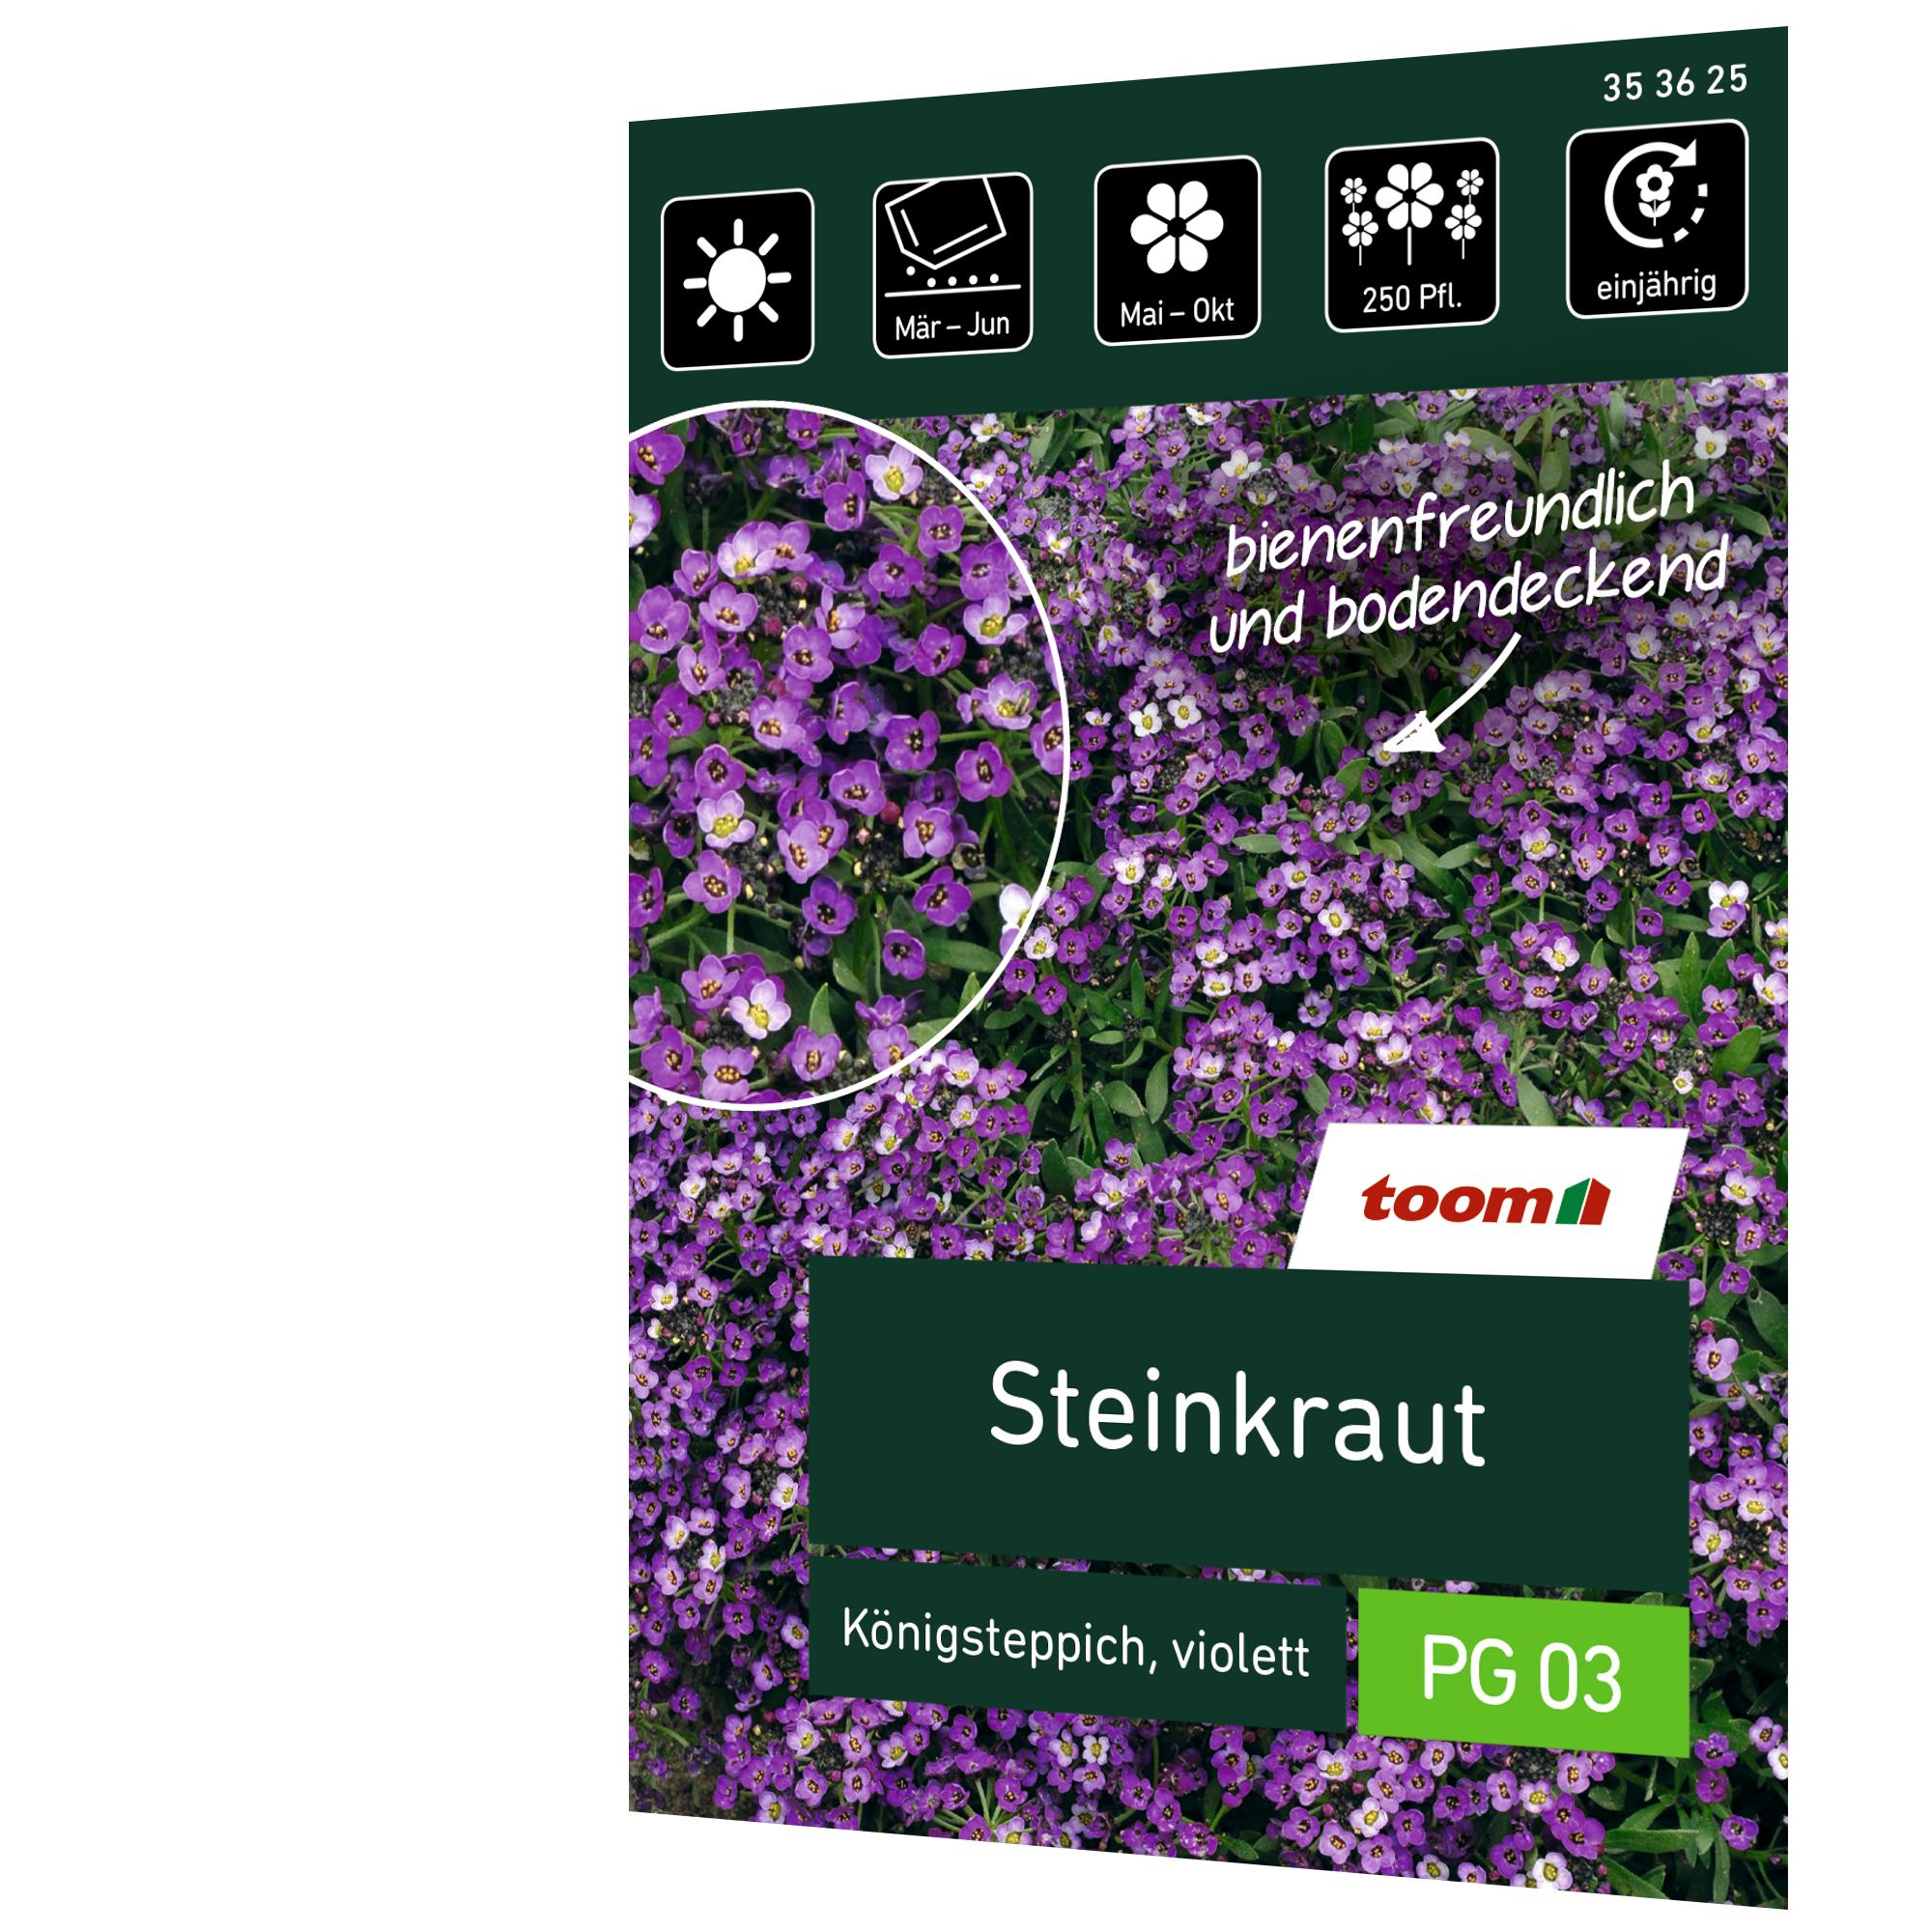 toom Steinkraut 'Königsteppich violett'